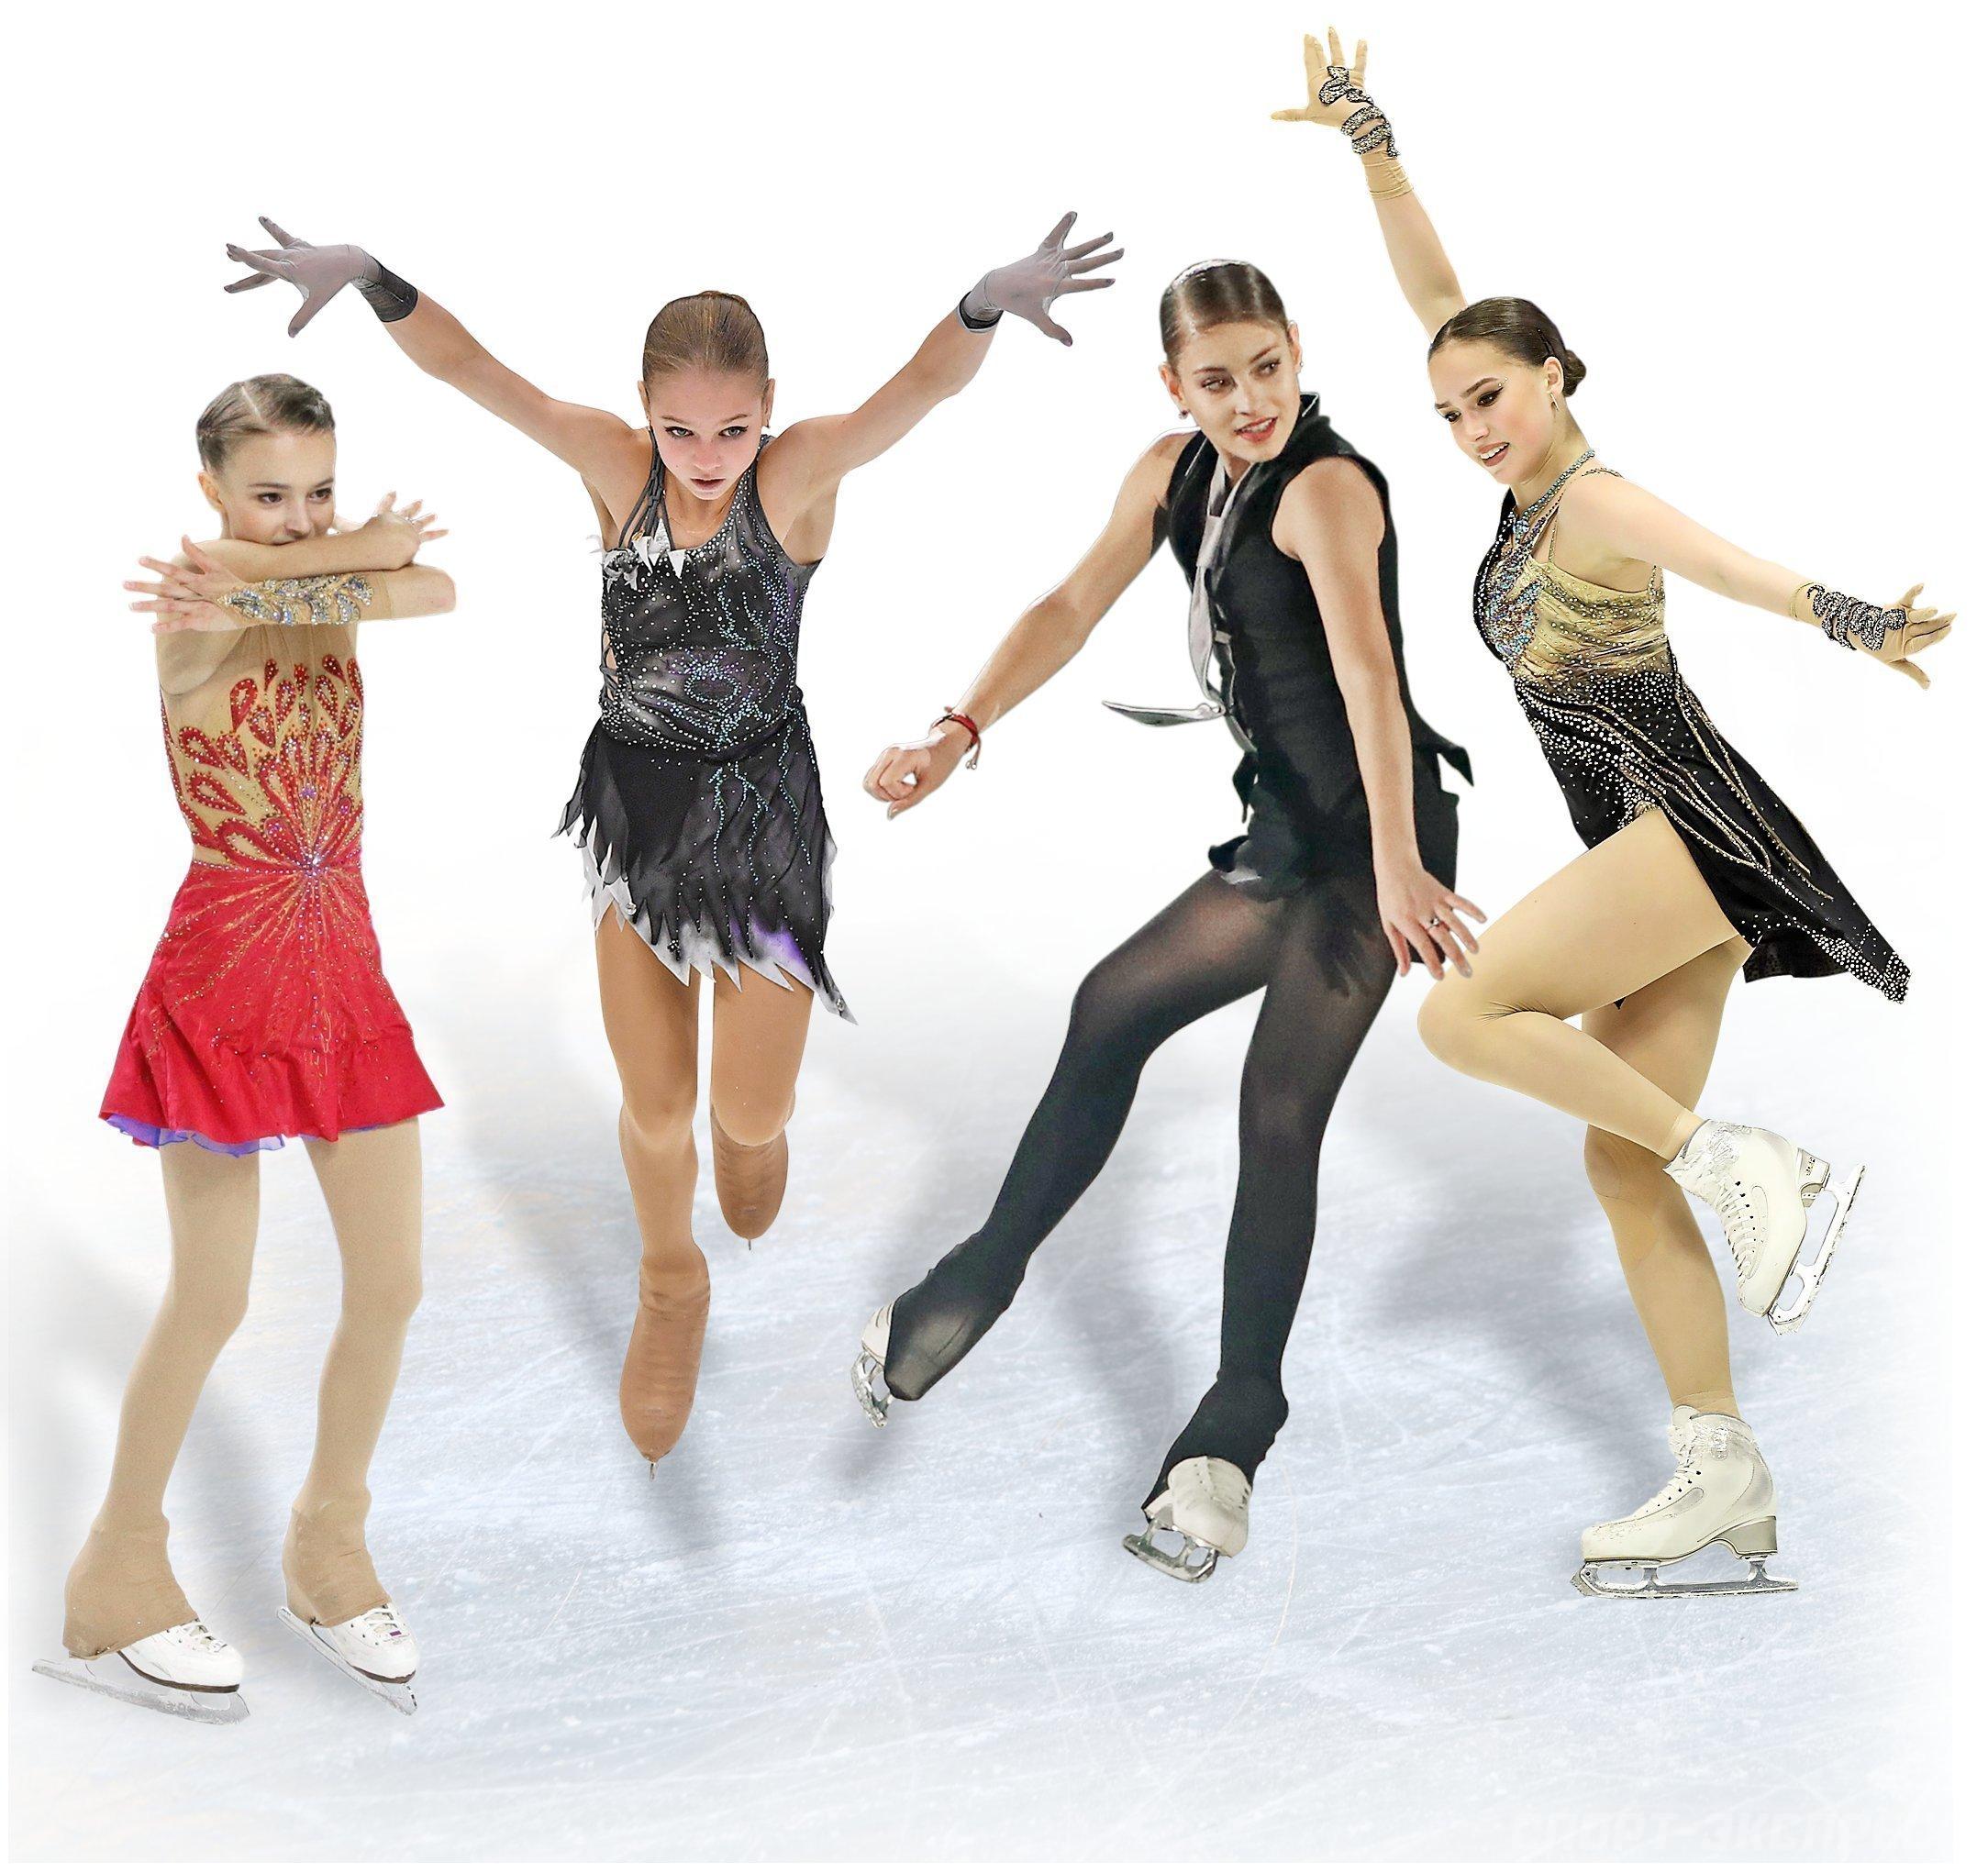 ISU Grand Prix of Figure Skating Final (Senior & Junior). Dec 05 - Dec 08, 2019.  Torino /ITA  Origin